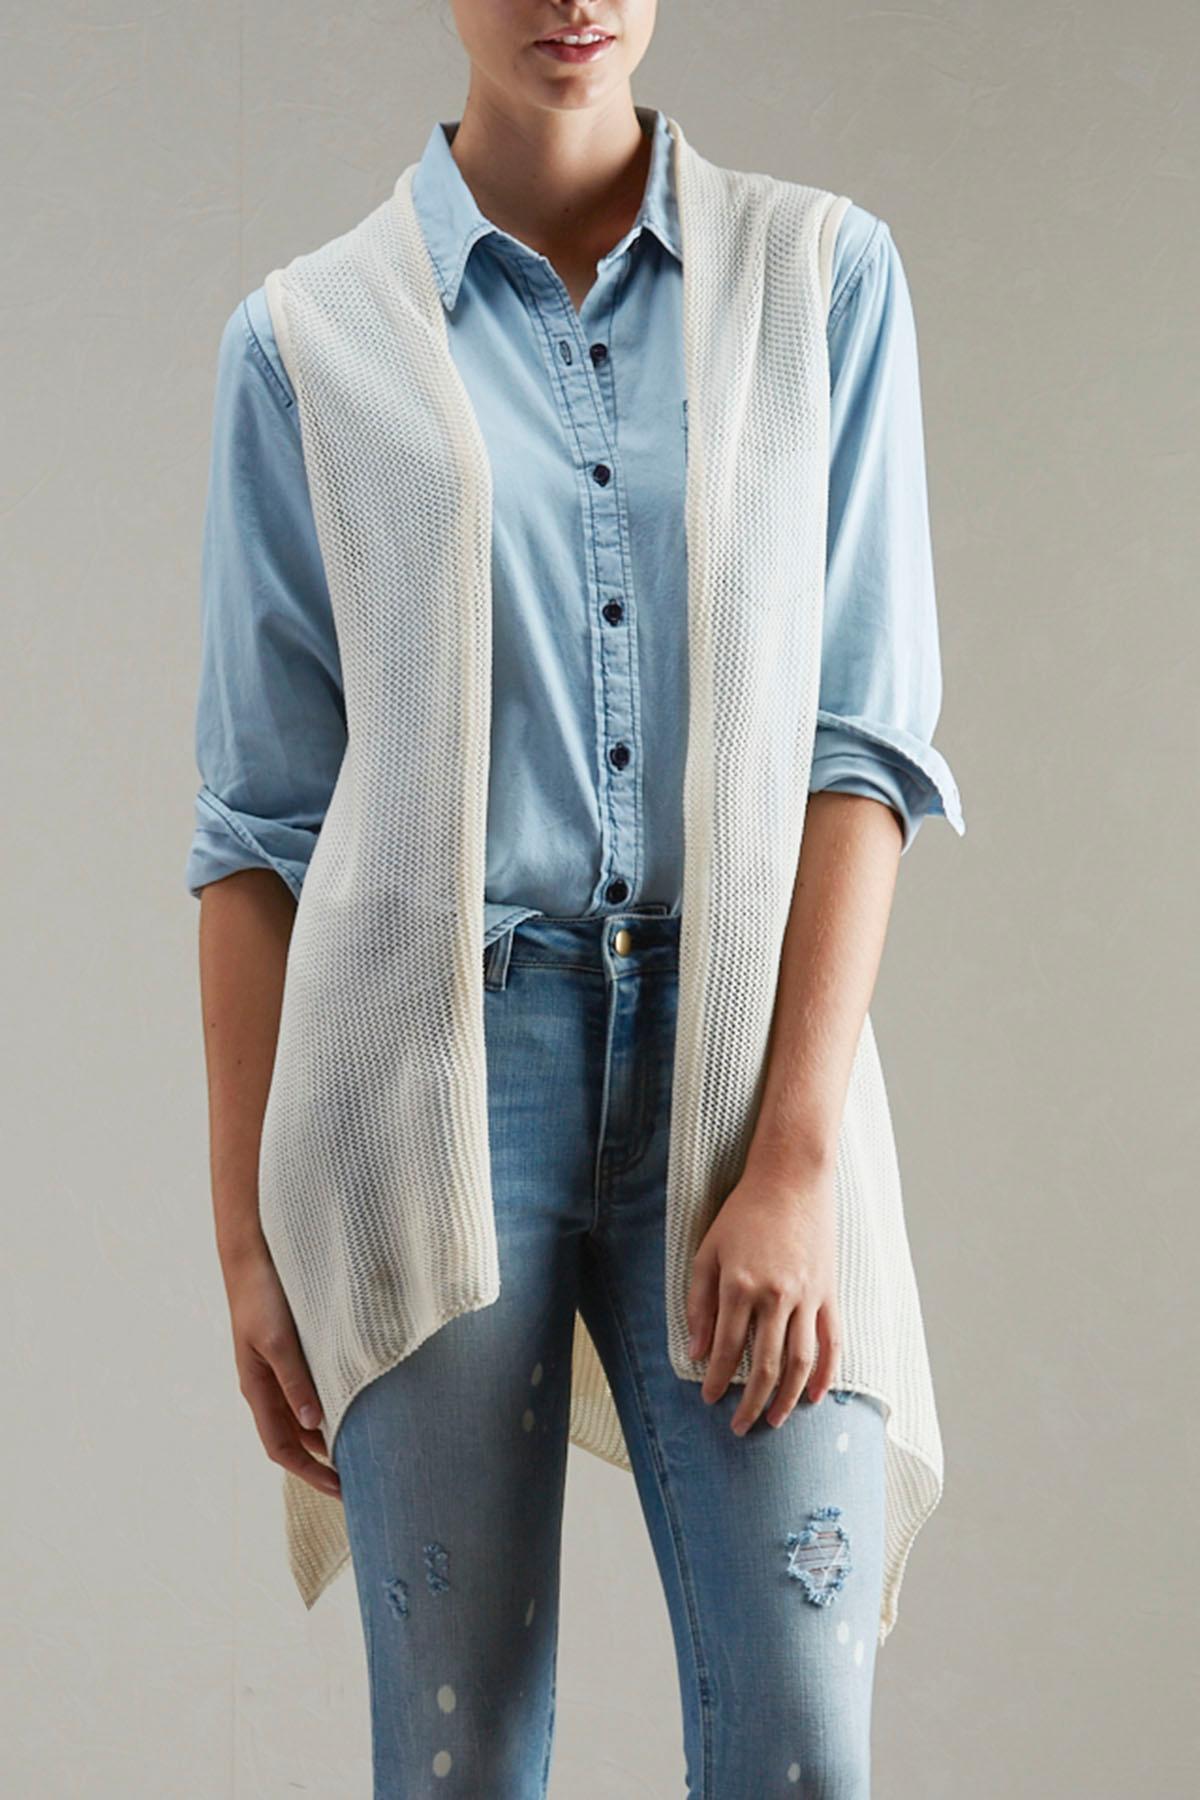 Crochet Inset Fishnet Vest